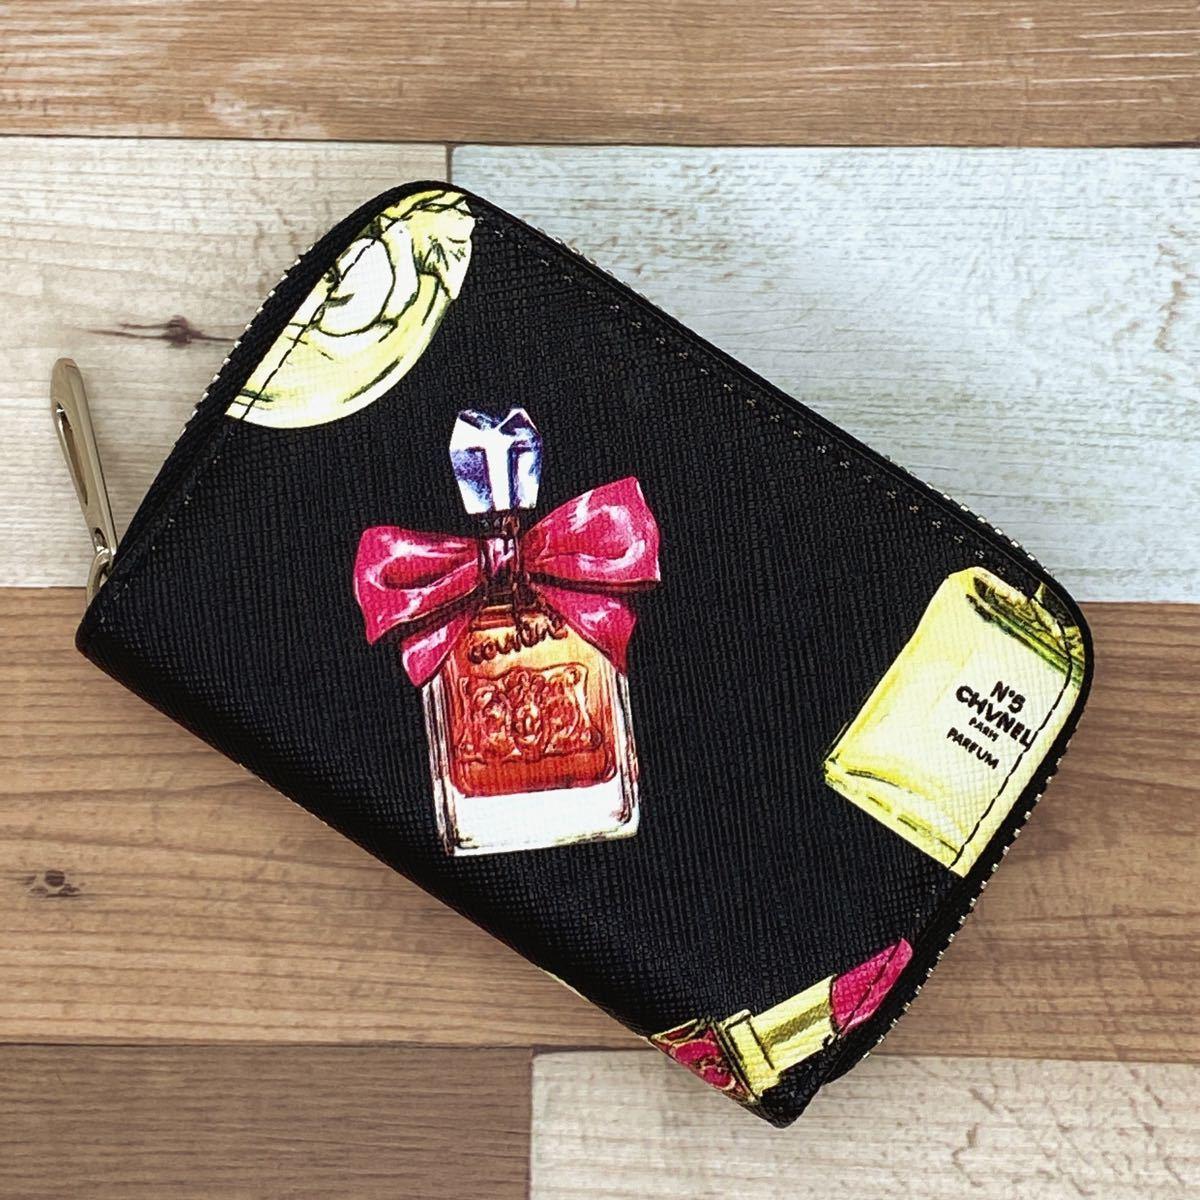 カードケース カード入れ レディース 大容量 じゃばら ジャバラ 定期入れ 香水